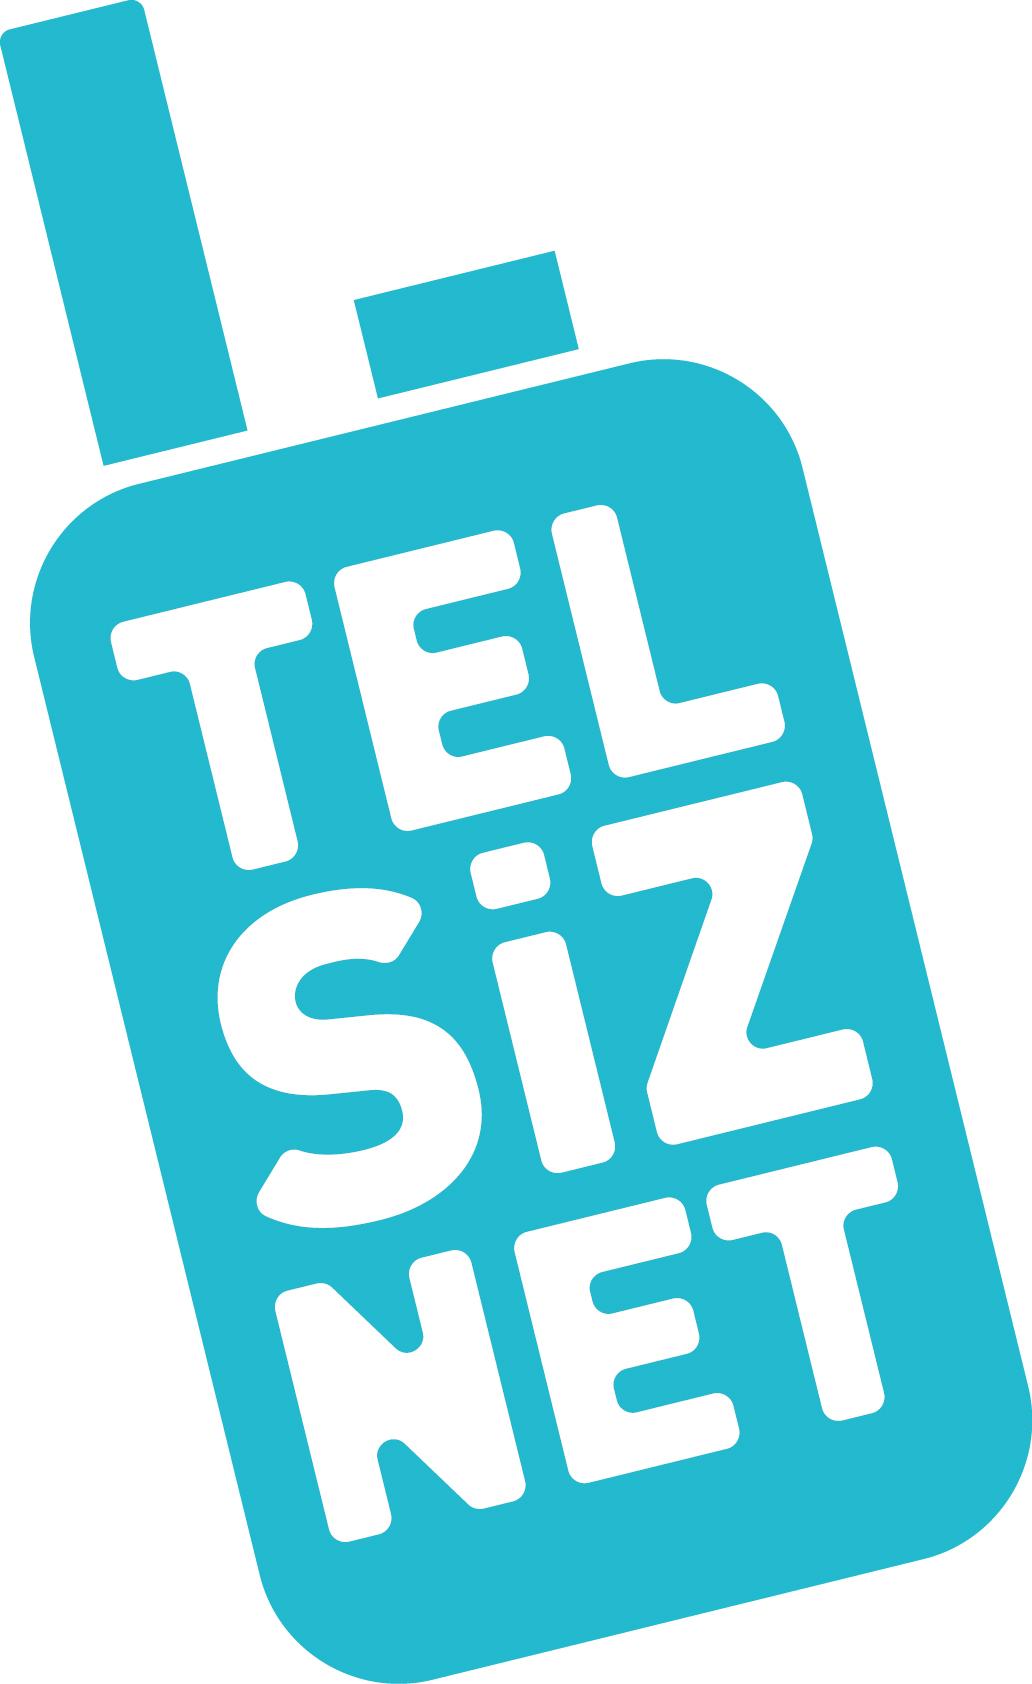 telsiznet_logo.jpg